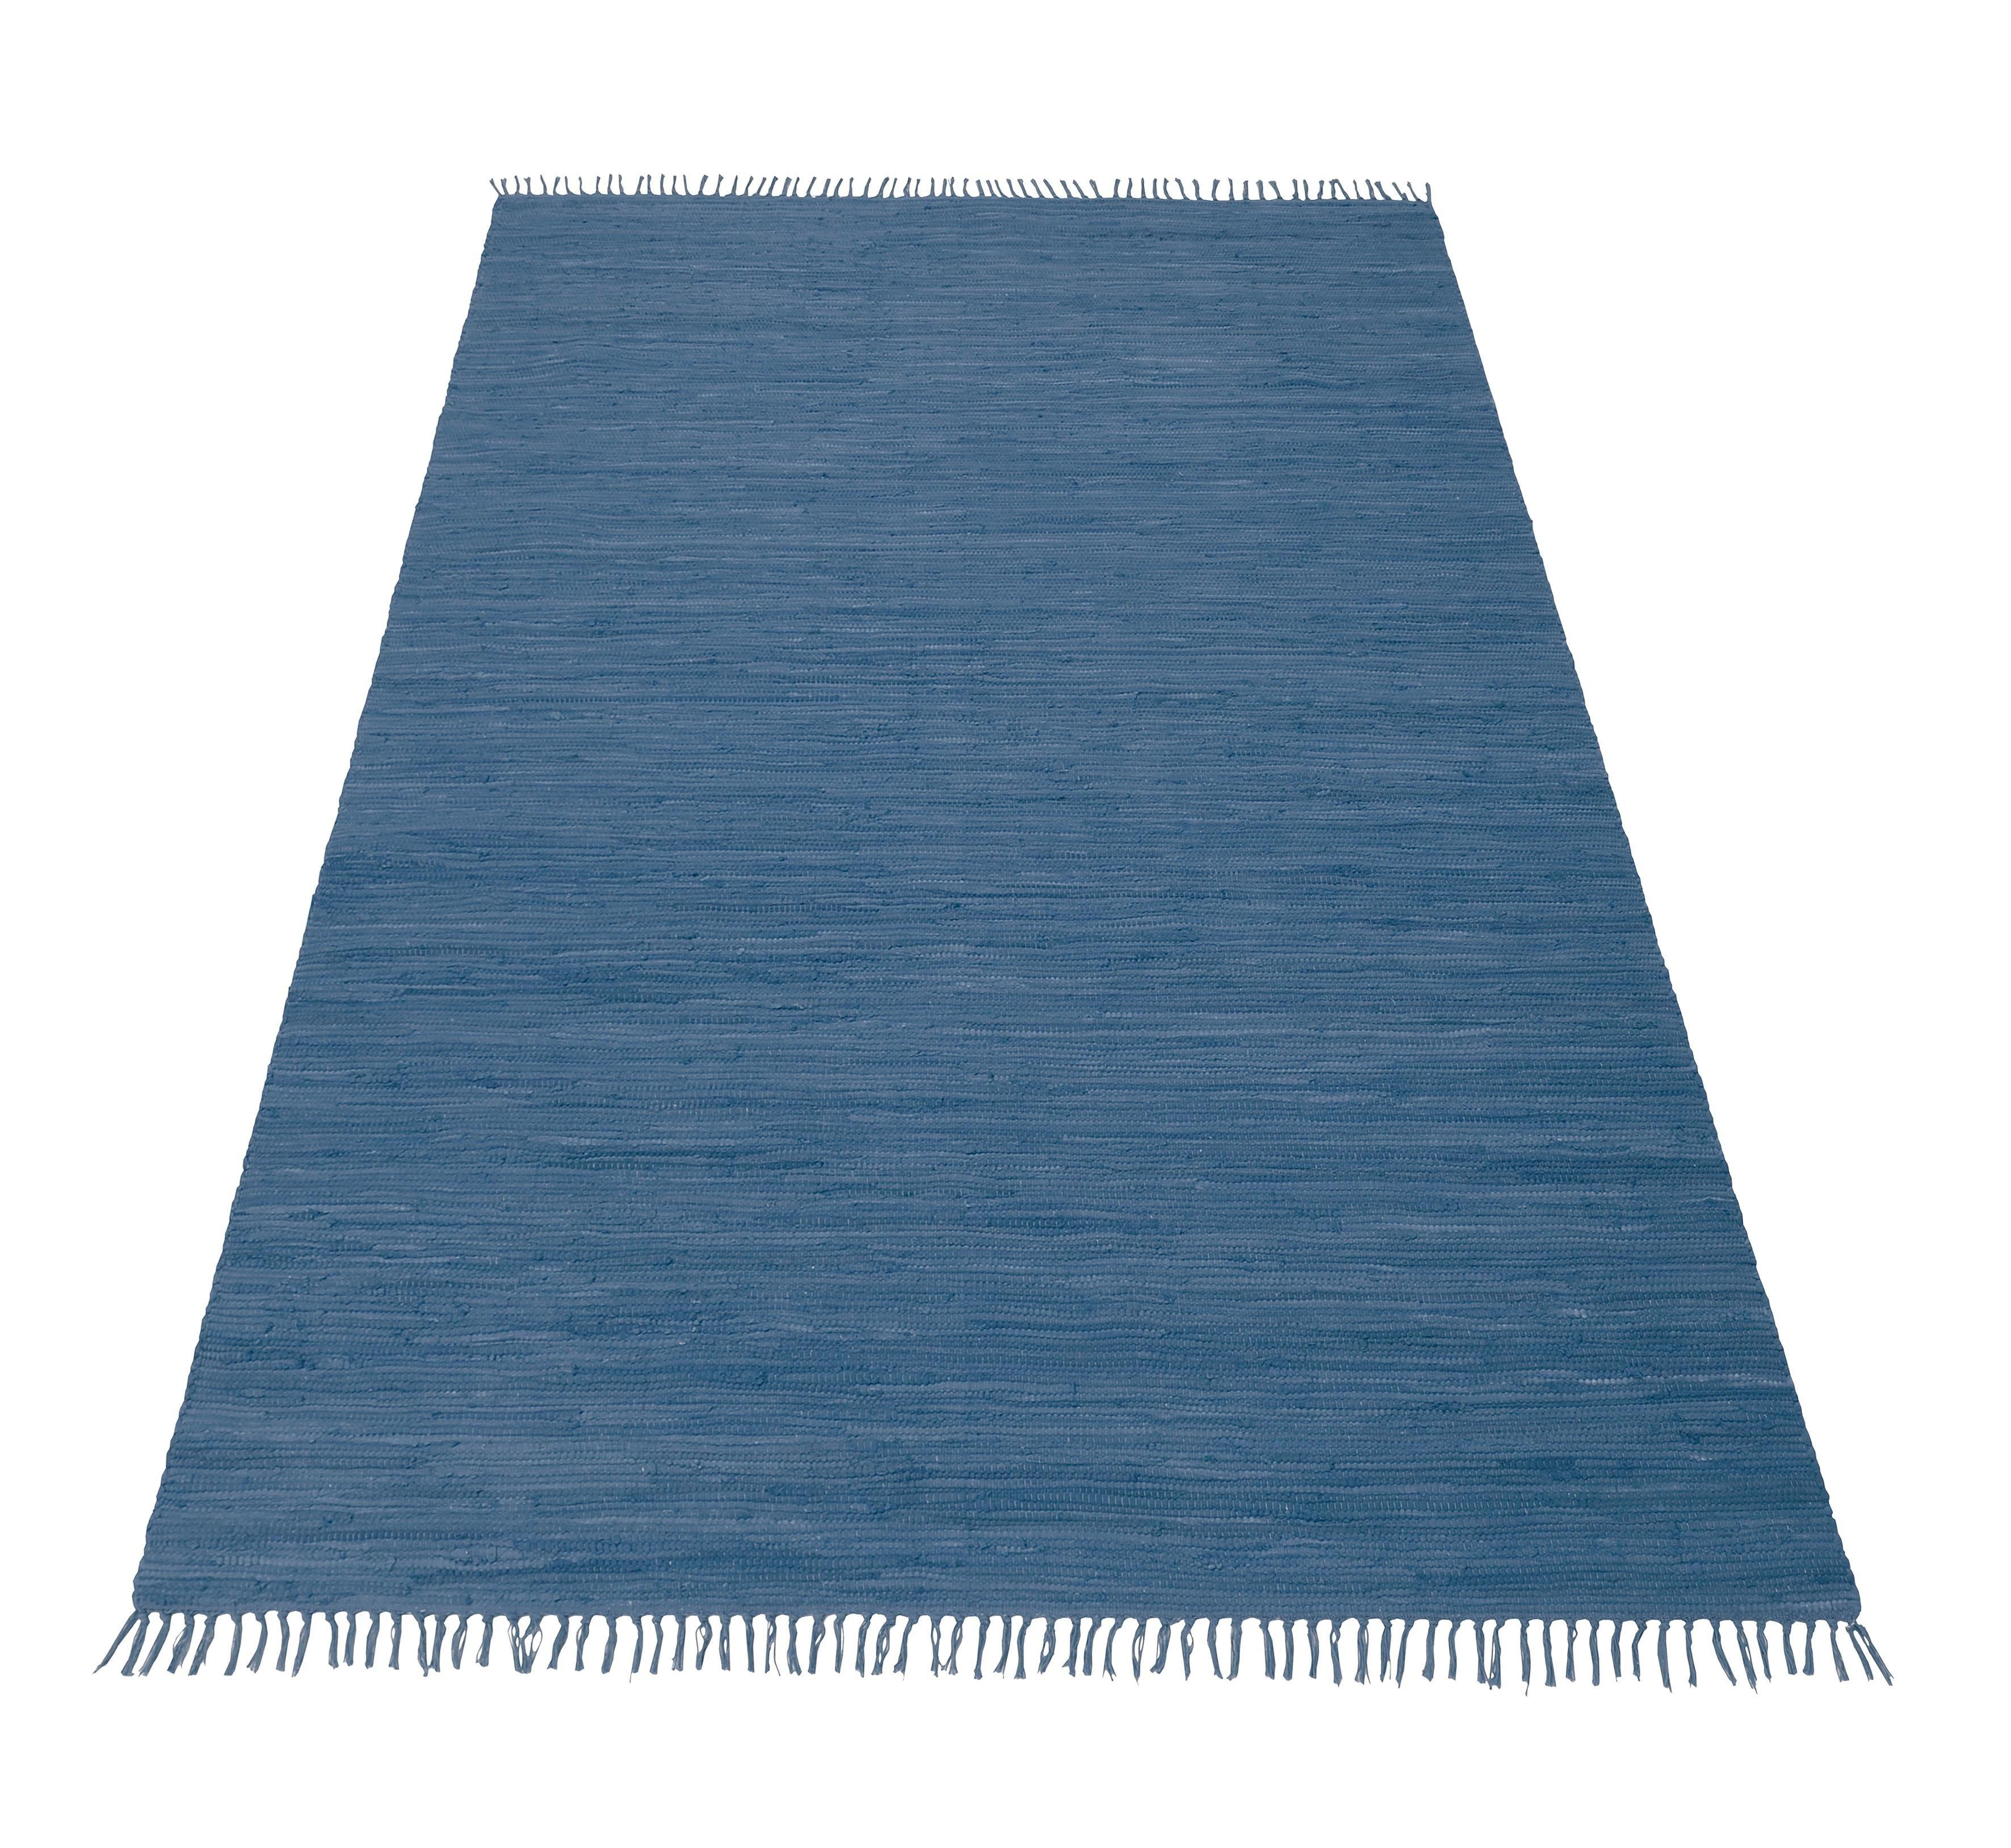 Op zoek naar een Home Affaire Collection ECOREPUBLIC HOME Vloerkleed handgeweven uni? Koop online bij OTTO